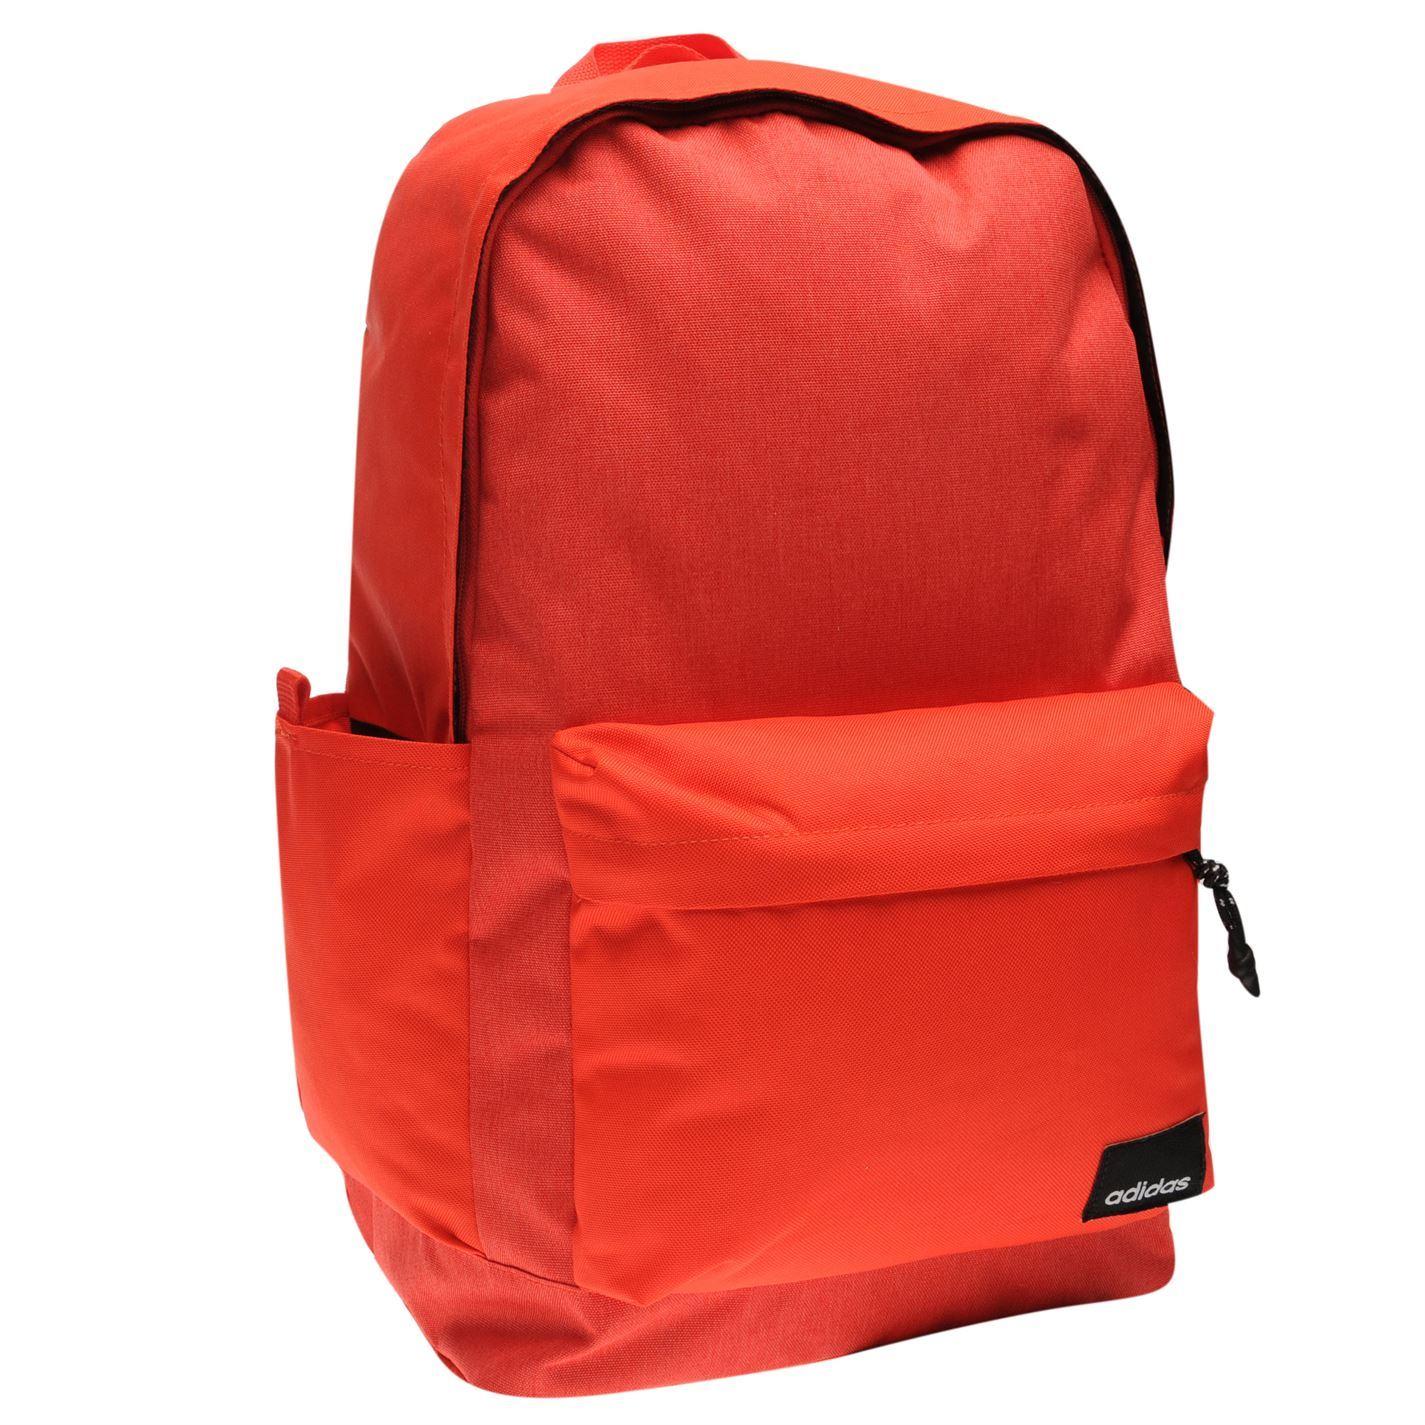 Gimnasio Bolsa Rojo Deporte Carry Diario Adidas Mochila All W9IEHD2Y